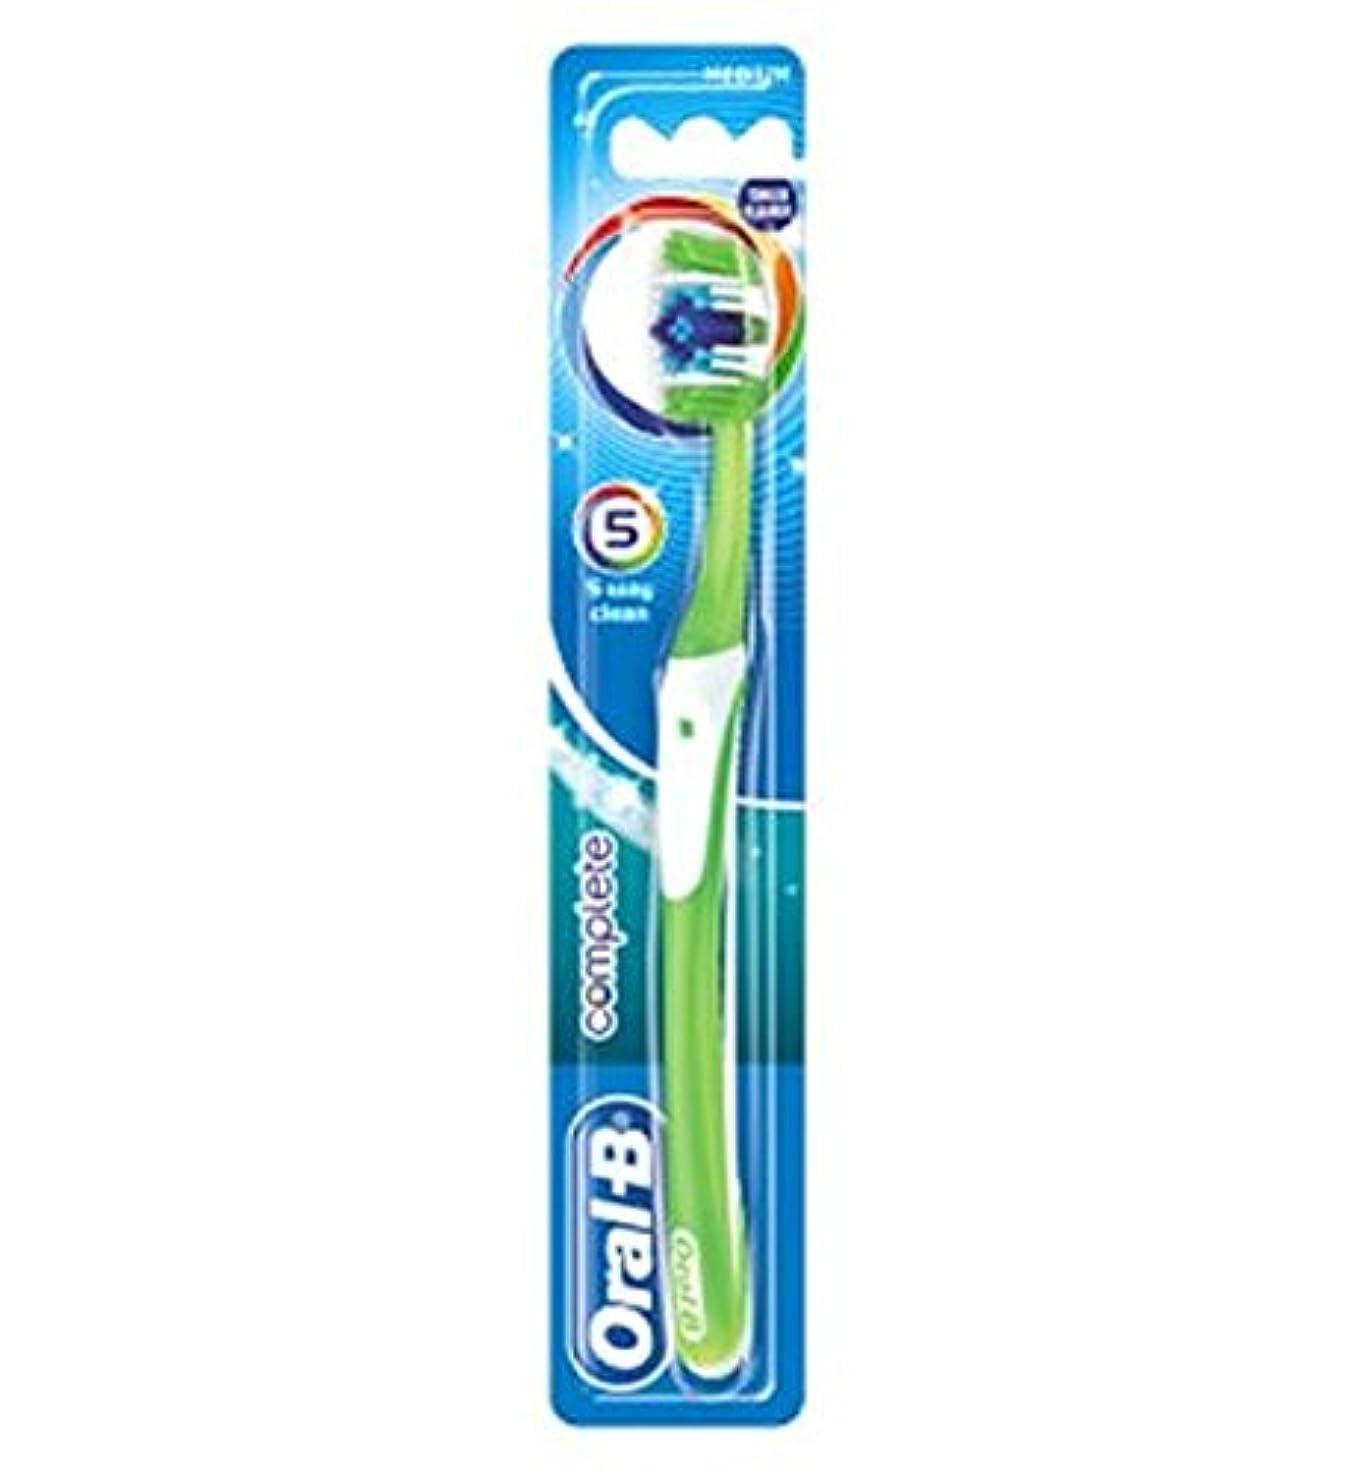 落ち着いてボア例外Oral-B Complete 5 Way Clean Medium Manual Toothbrush - オーラルBの完全な5道クリーンなメディアの手動歯ブラシ (Oral B) [並行輸入品]